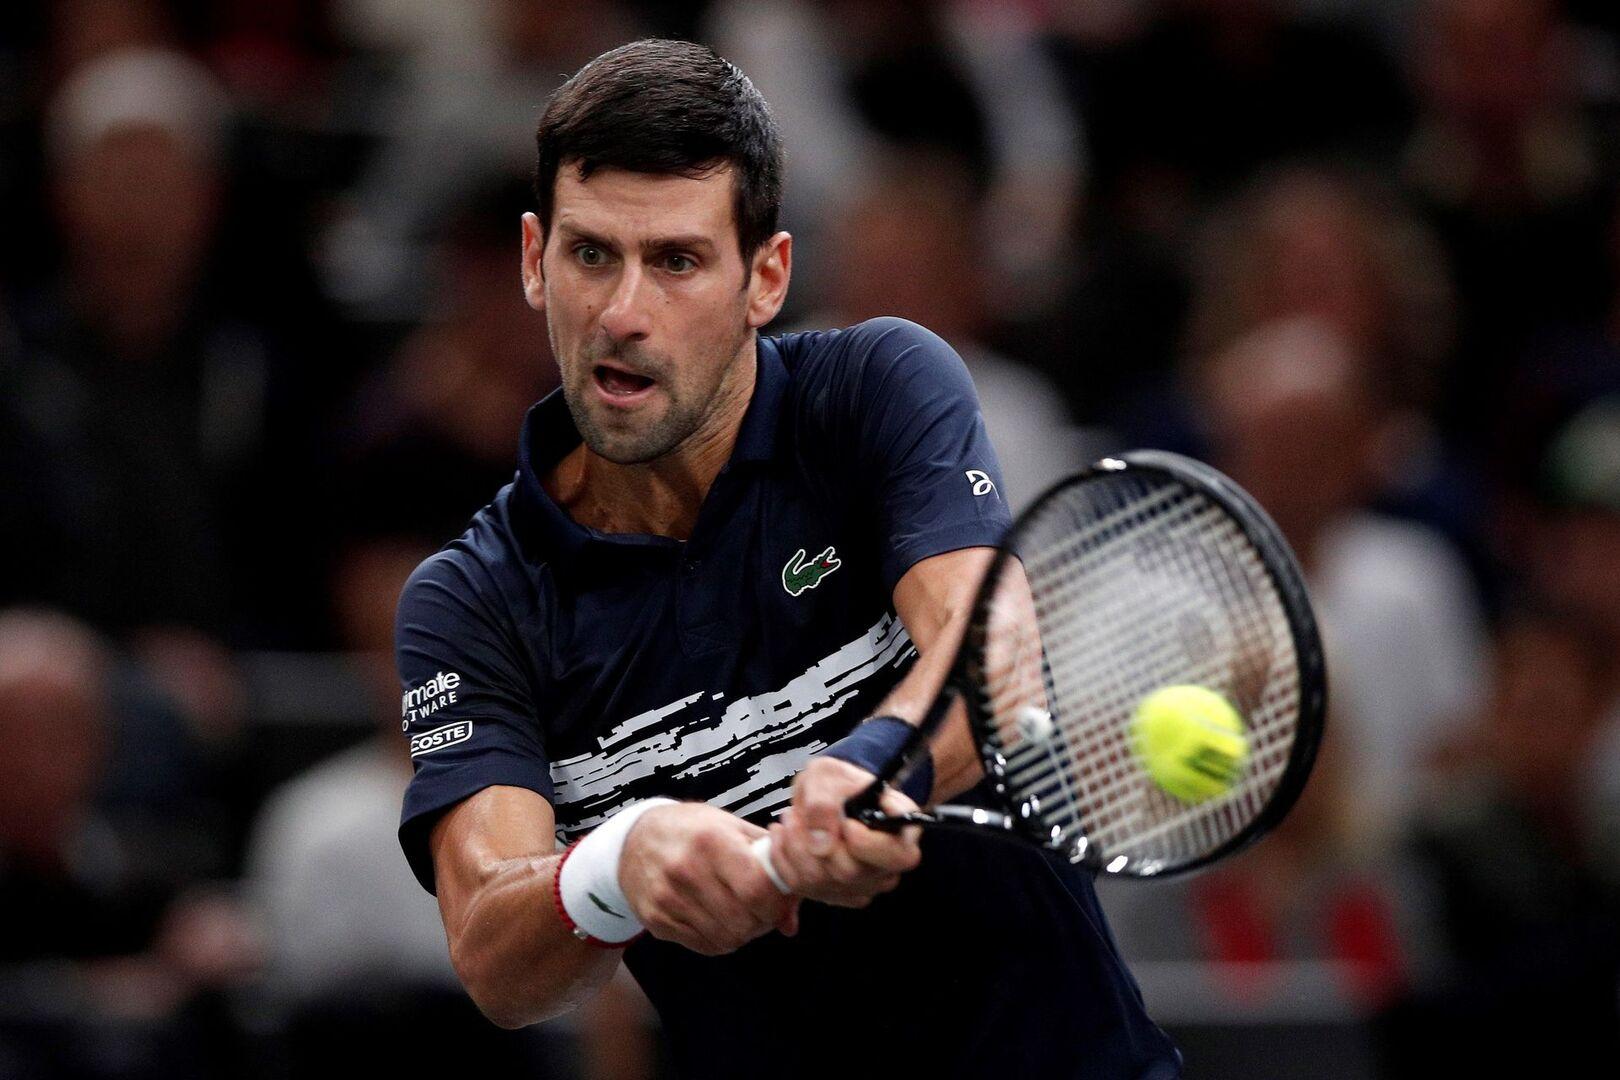 La Descalificacion Le Cuesta Dinero A Djokovic